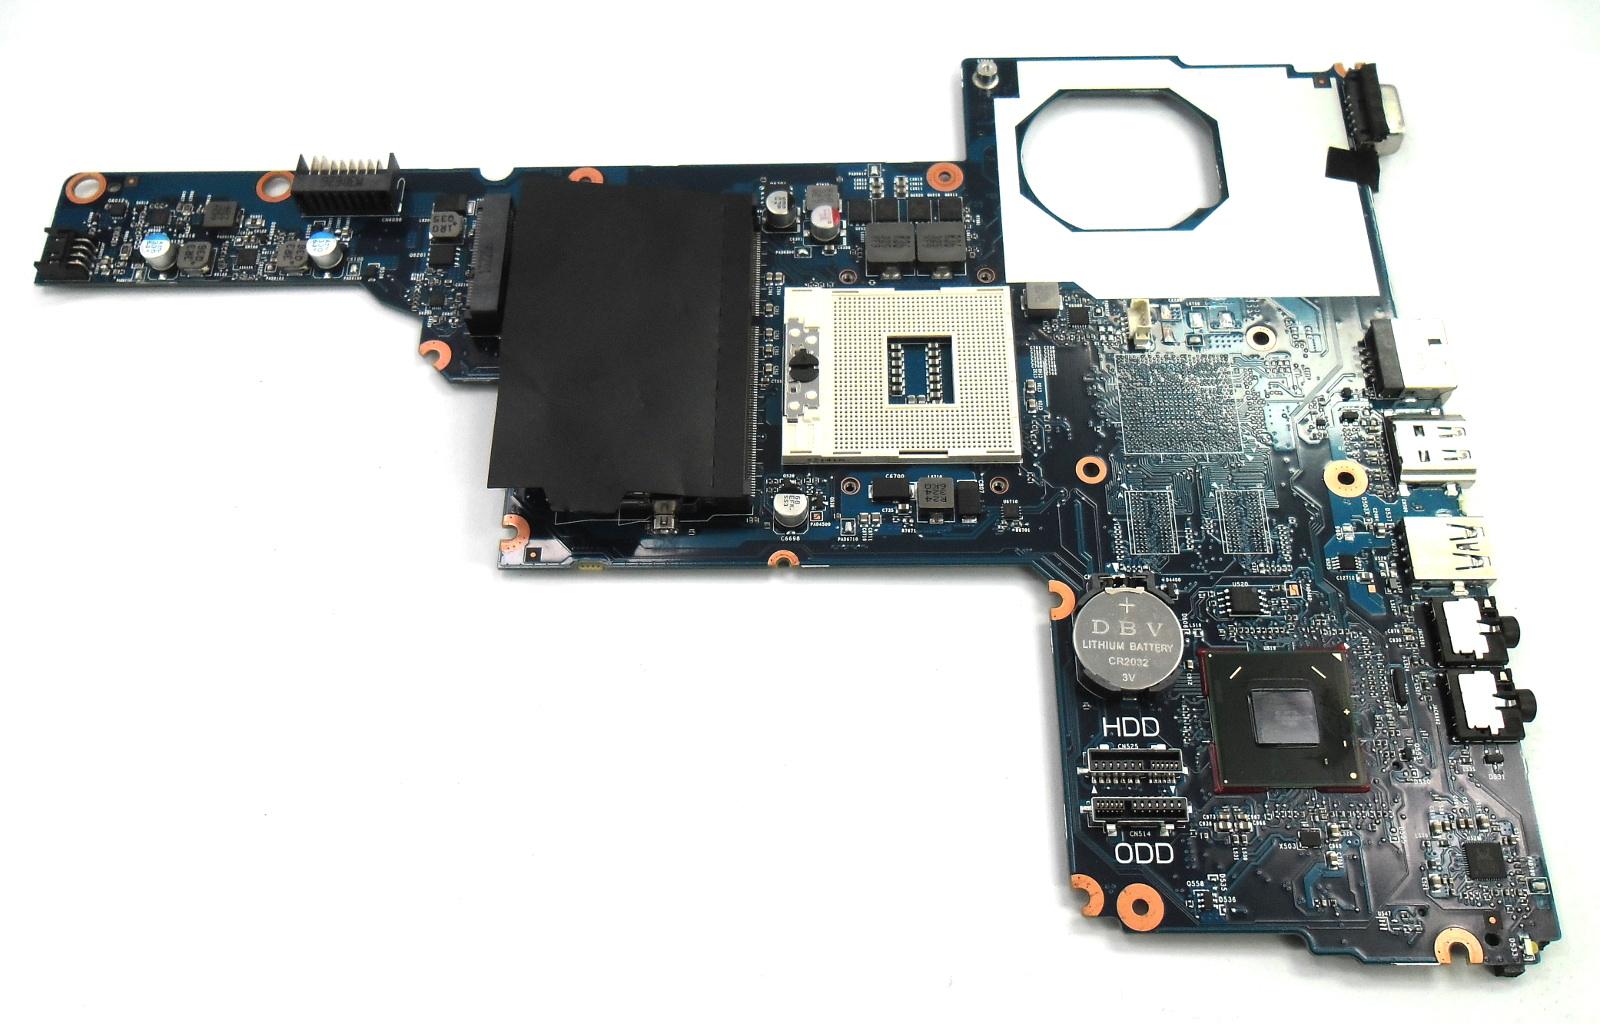 HP 685761-001 240 250 G1 Socket rPGA989 Motherboard - 6050A2493101-MB-A02